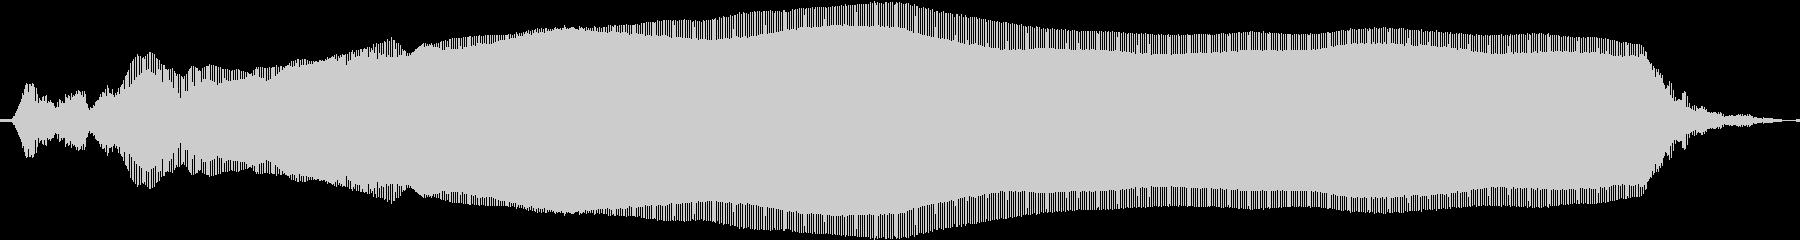 クラブDJが鳴らす定番のレゲエホーンの未再生の波形